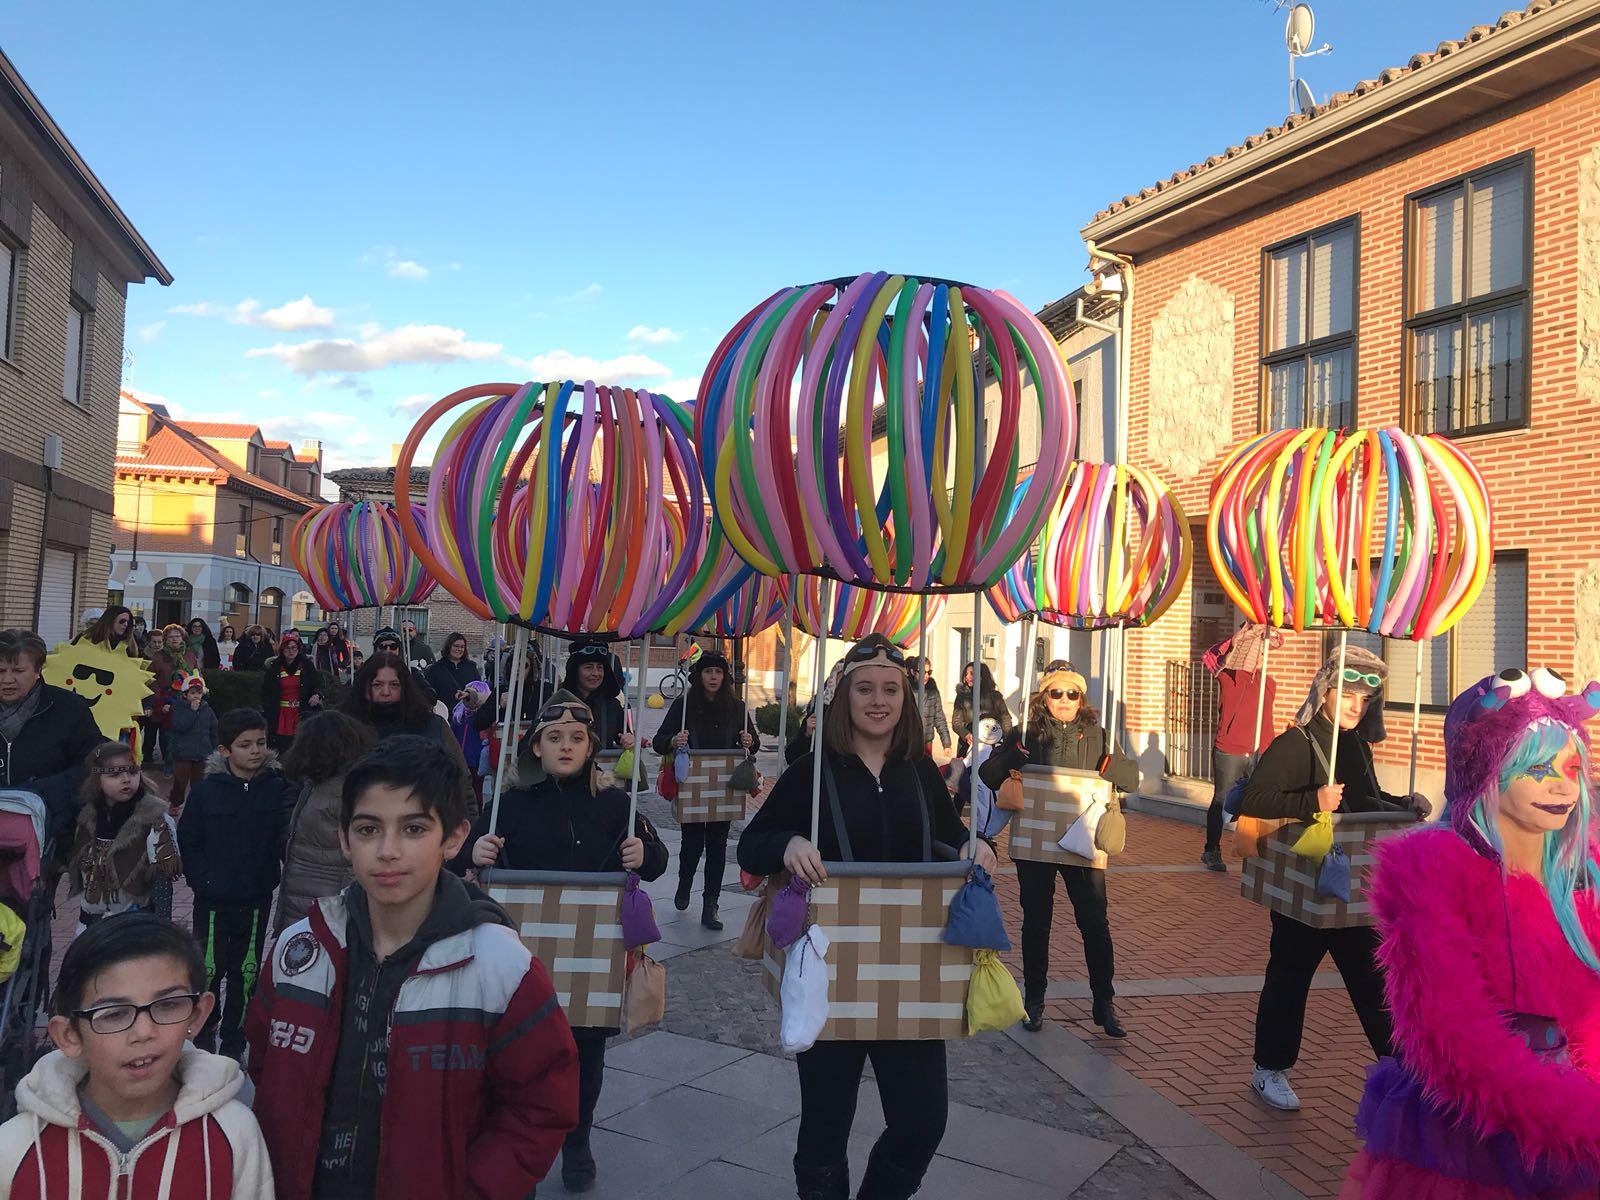 Lunes de carnaval en la provincia de Valladolid